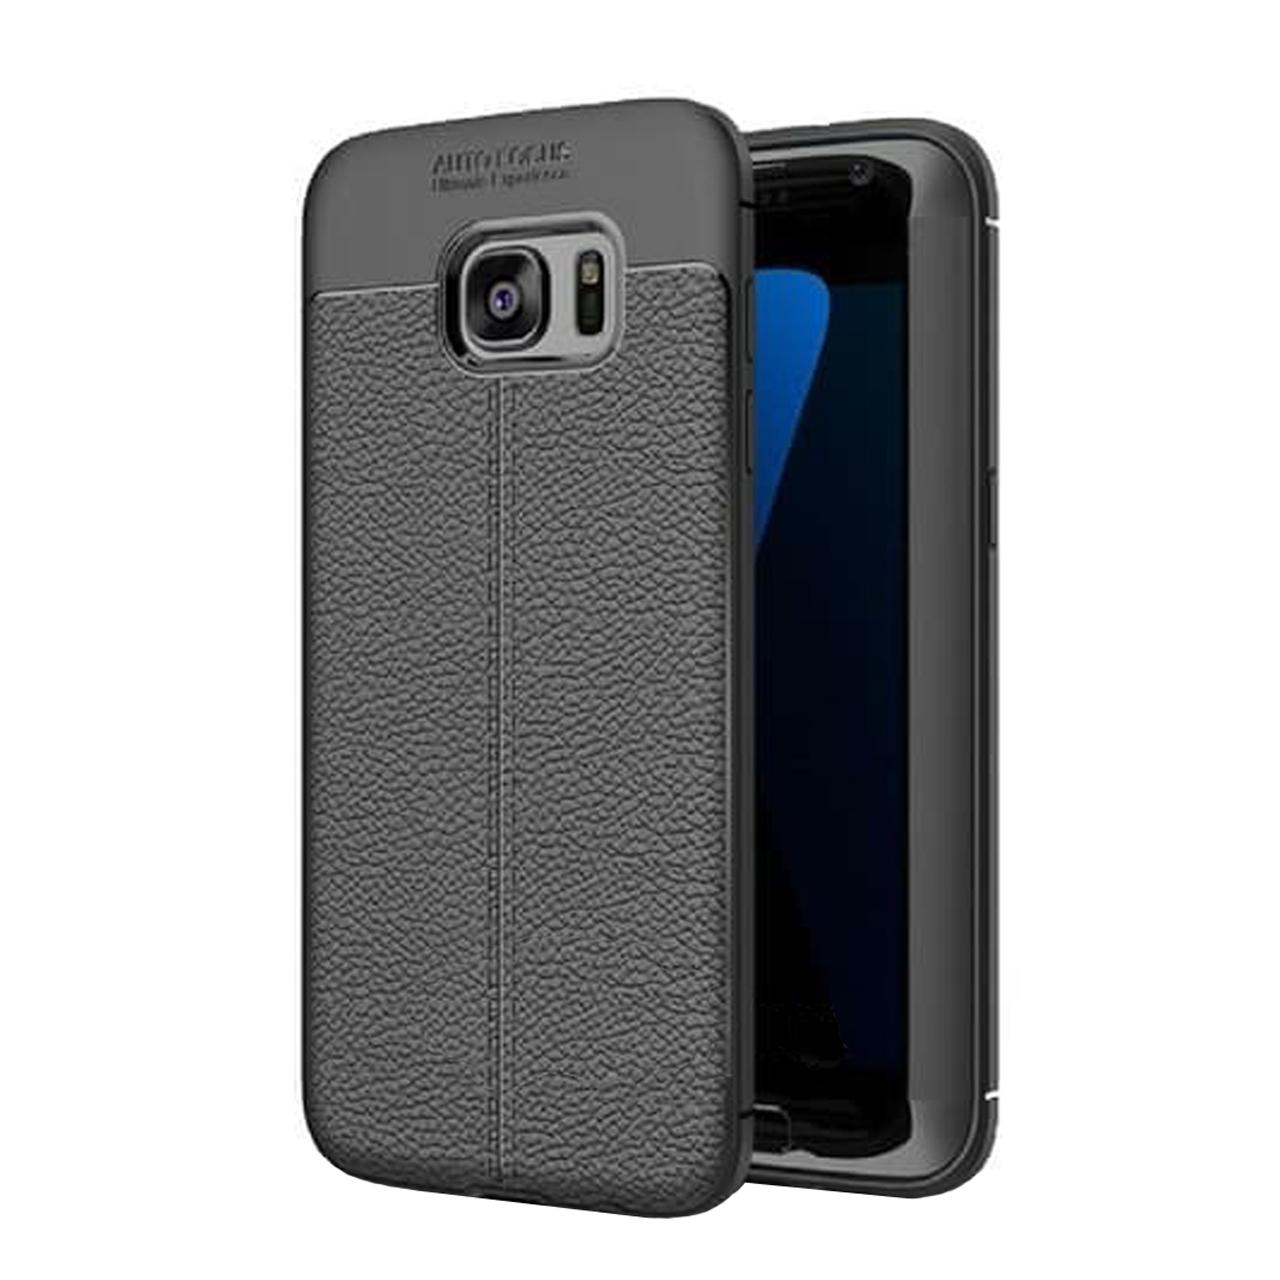 کاور مورفی مدل Auto7 مناسب برای گوشی موبایل سامسونگ Galaxy S7 Edge thumb